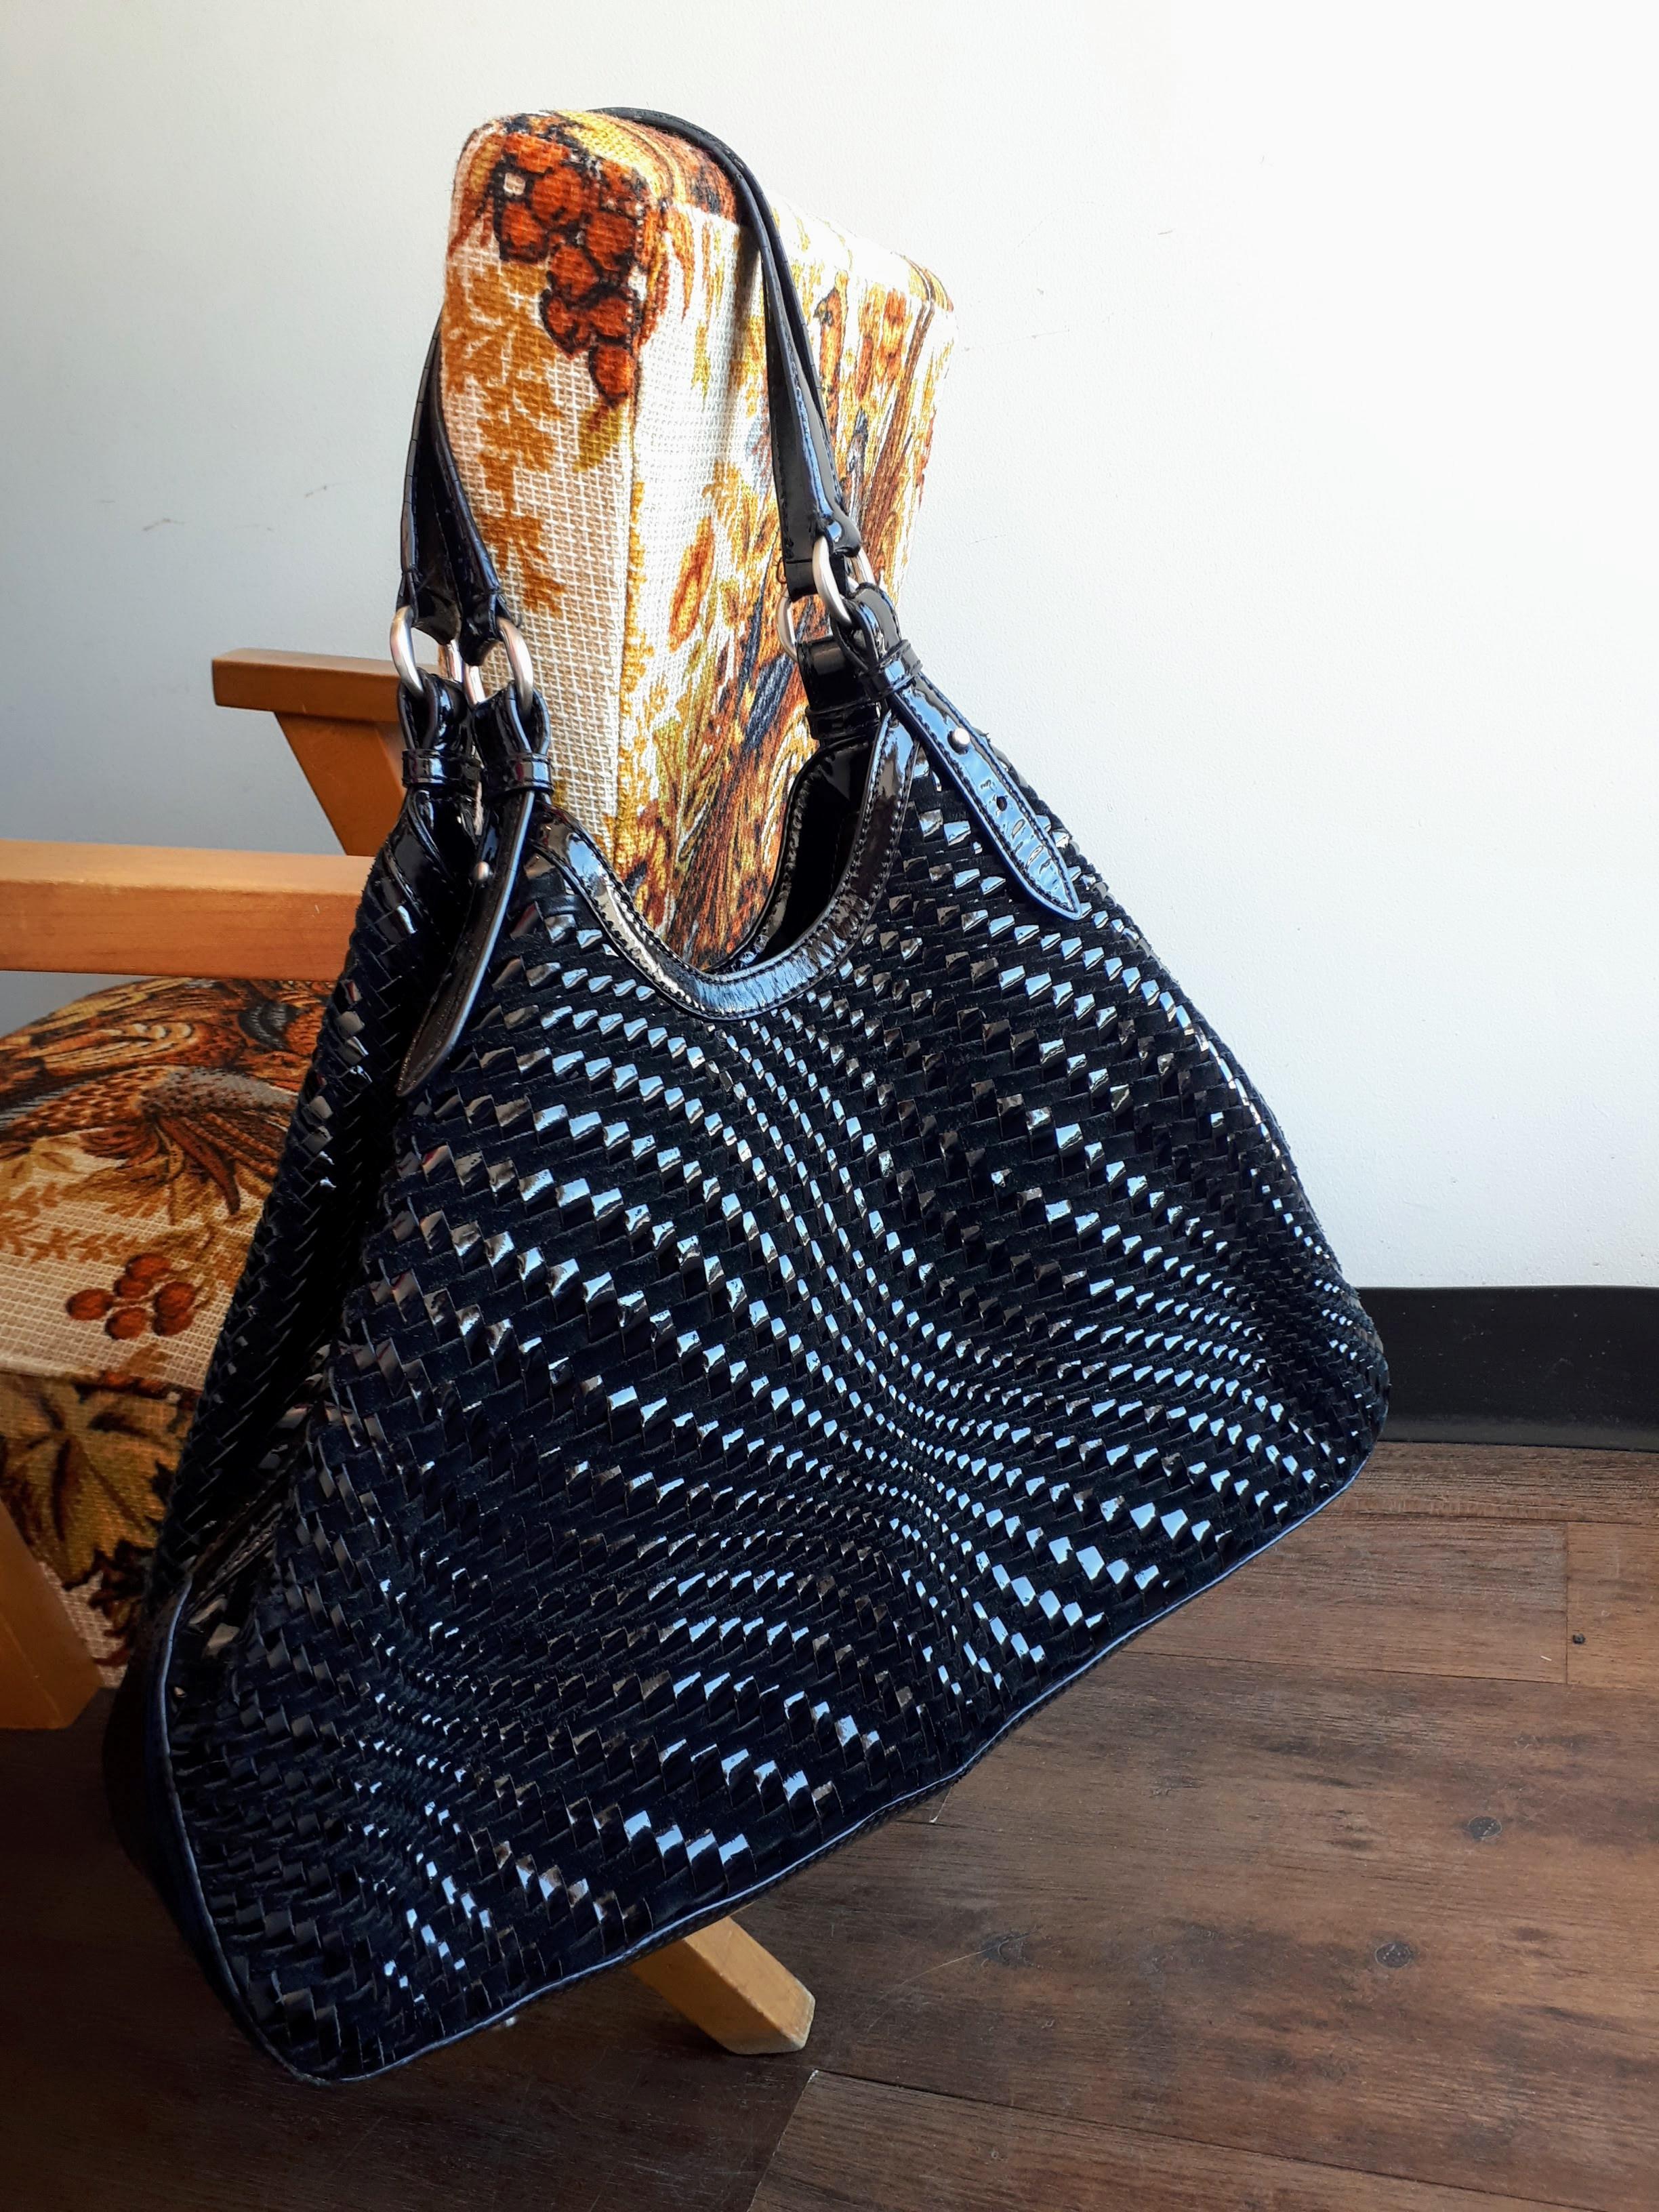 Cole Haan bag, $68